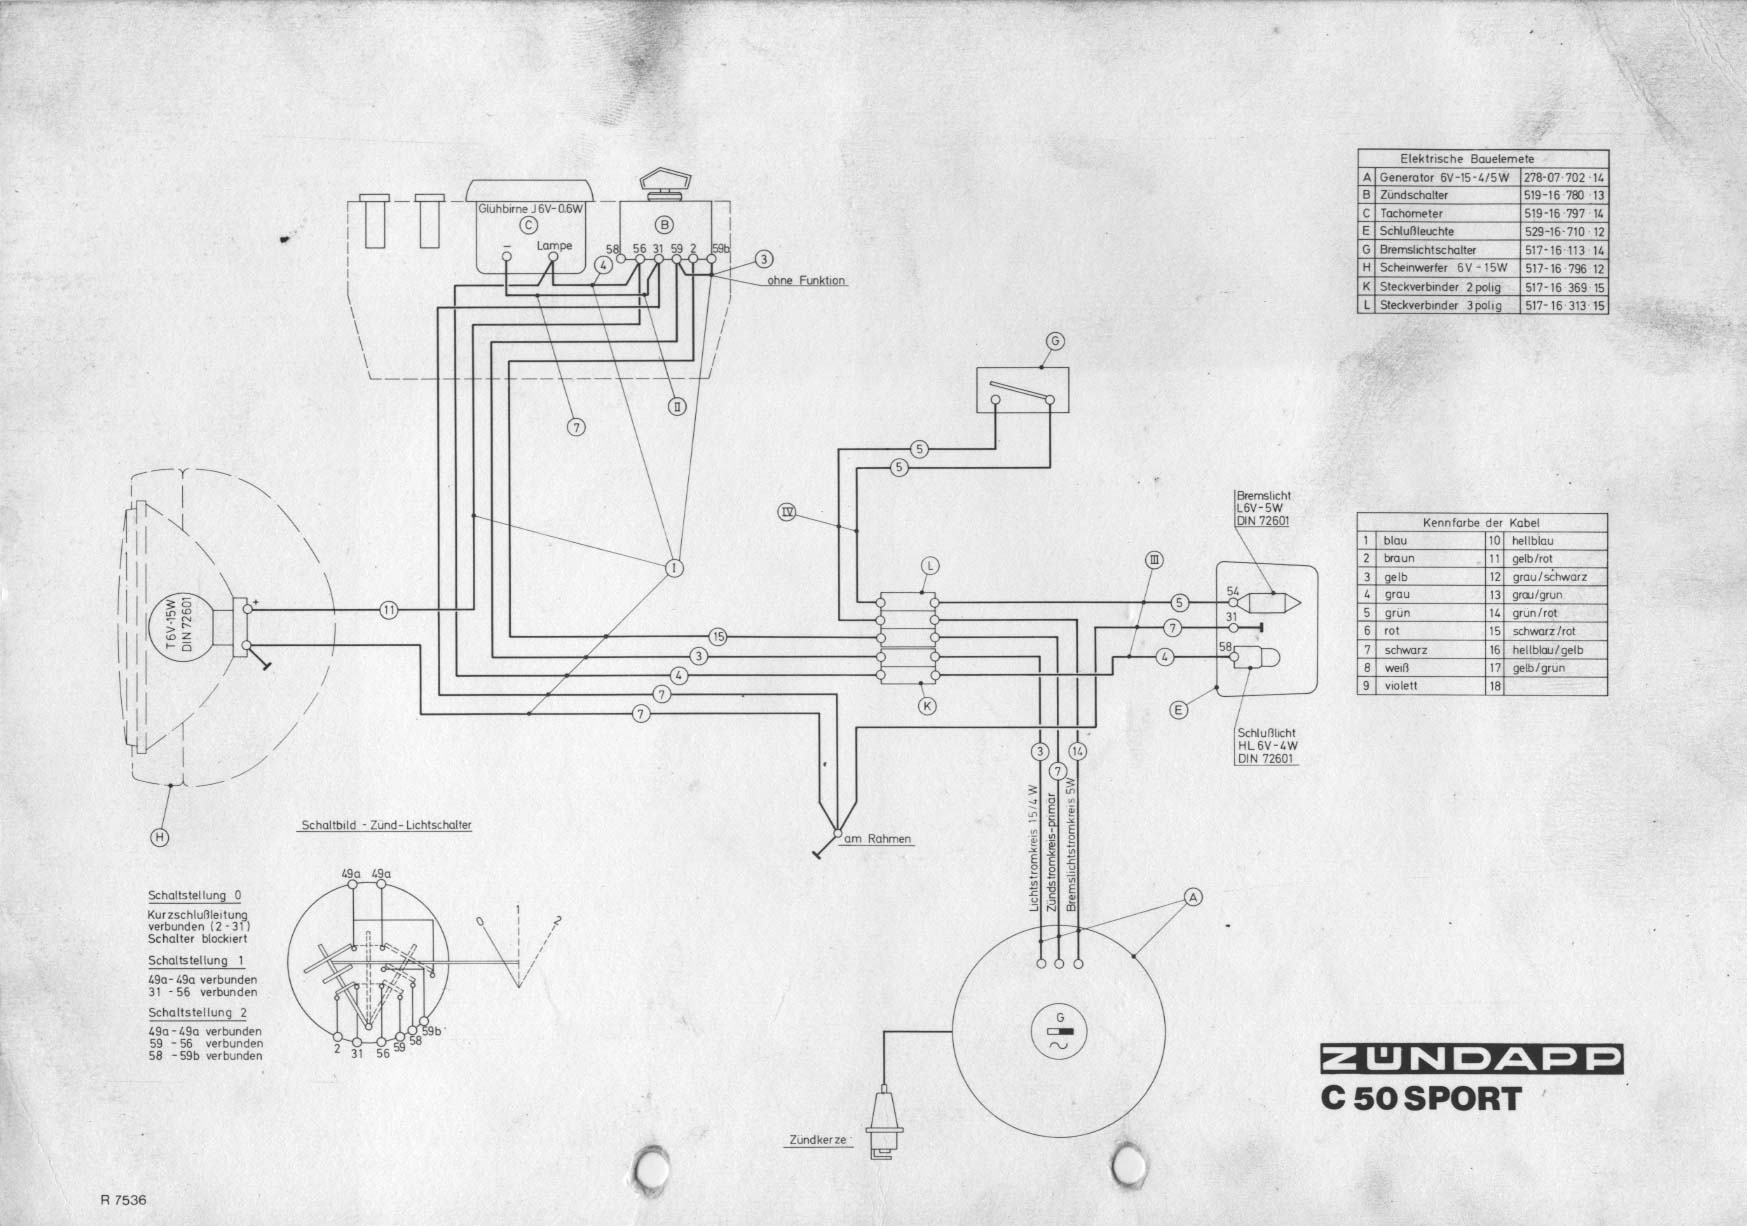 Erfreut 1975 Corvette Schaltplan Fotos - Die Besten Elektrischen ...